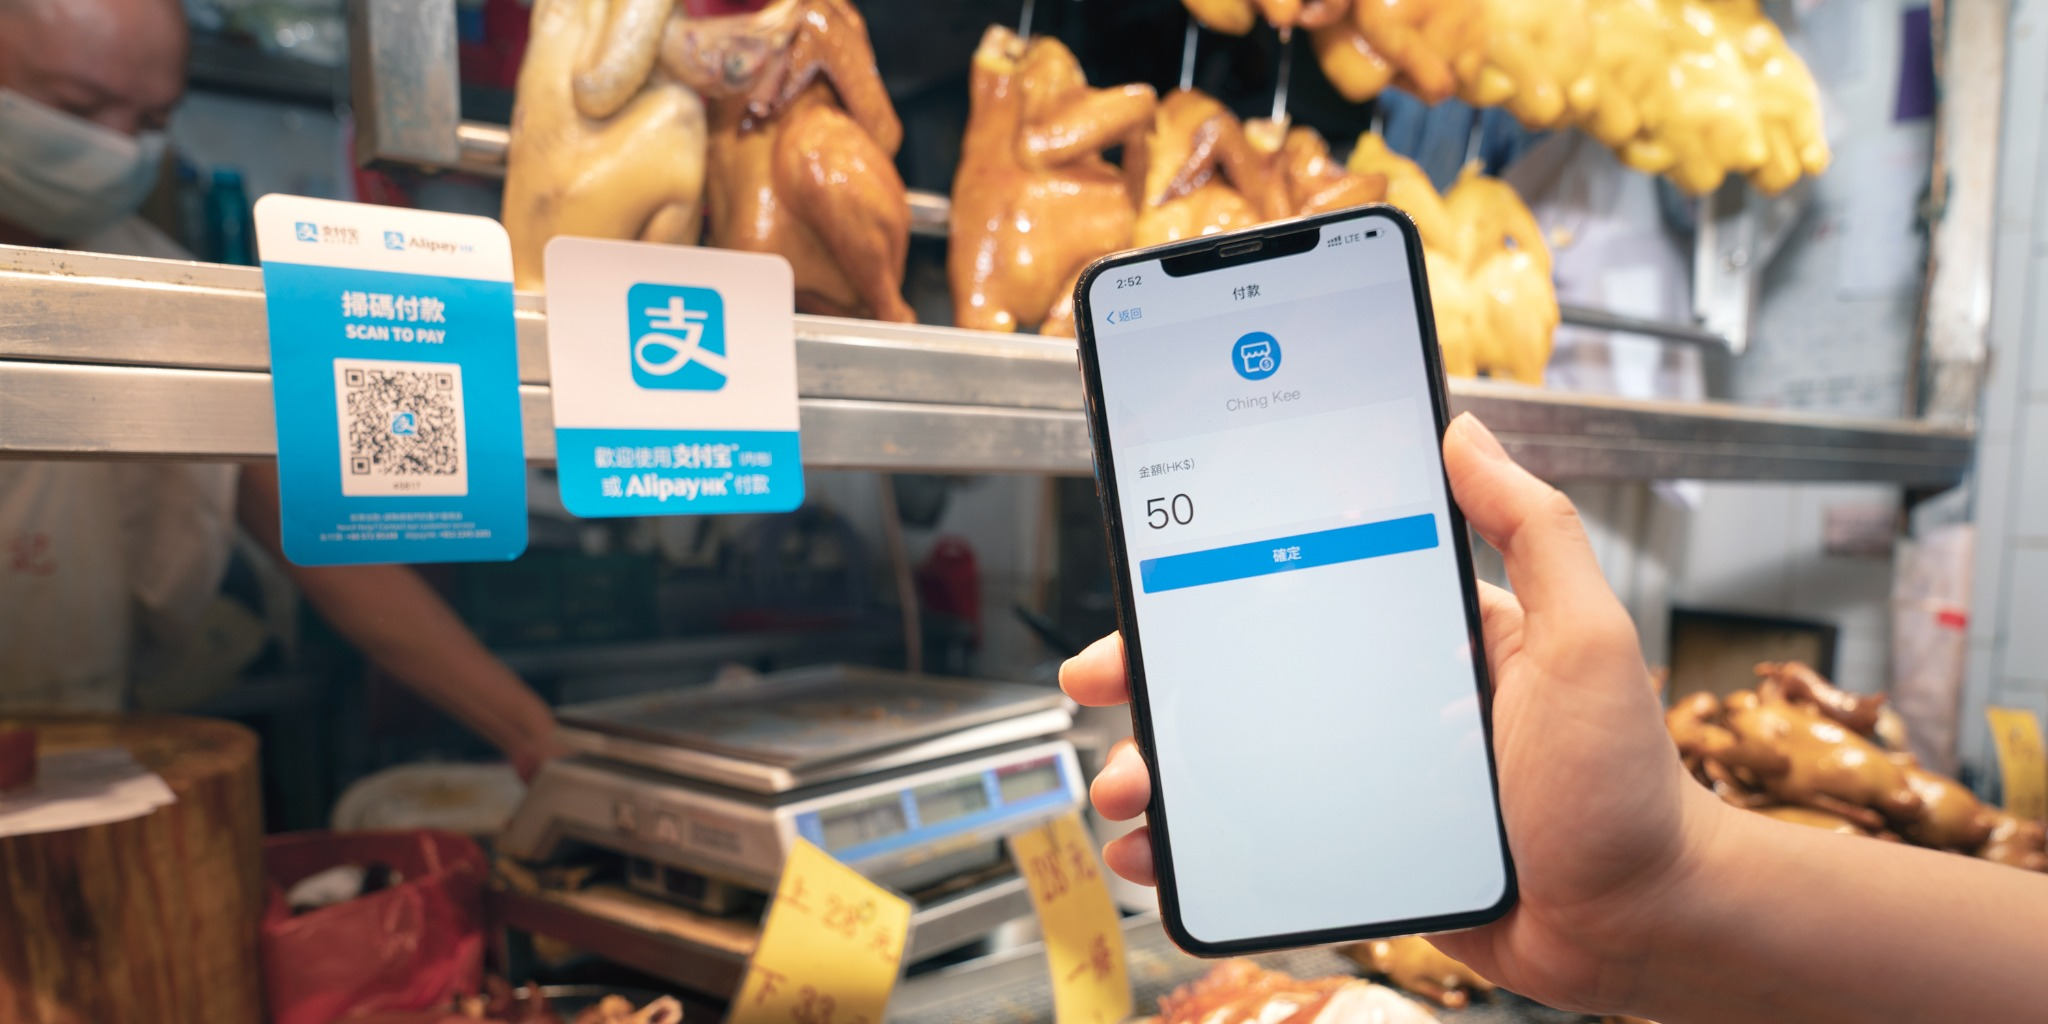 支付寶香港助推消費券計劃 額外收益將回饋商家及用戶